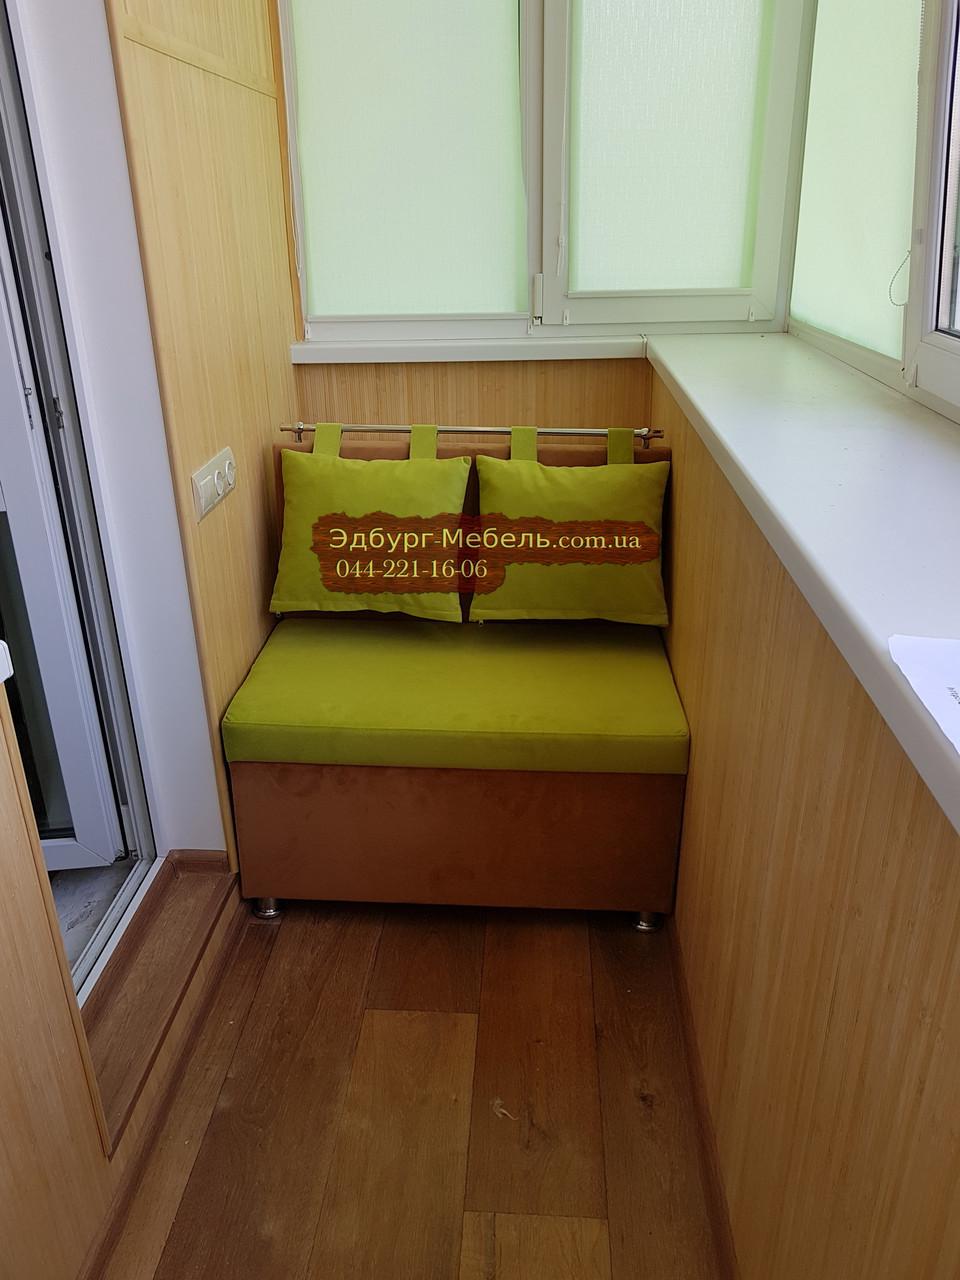 """Диван для кухни, лоджии, балкона """"Комфорт"""" экокожа + ткань 900х500мм"""